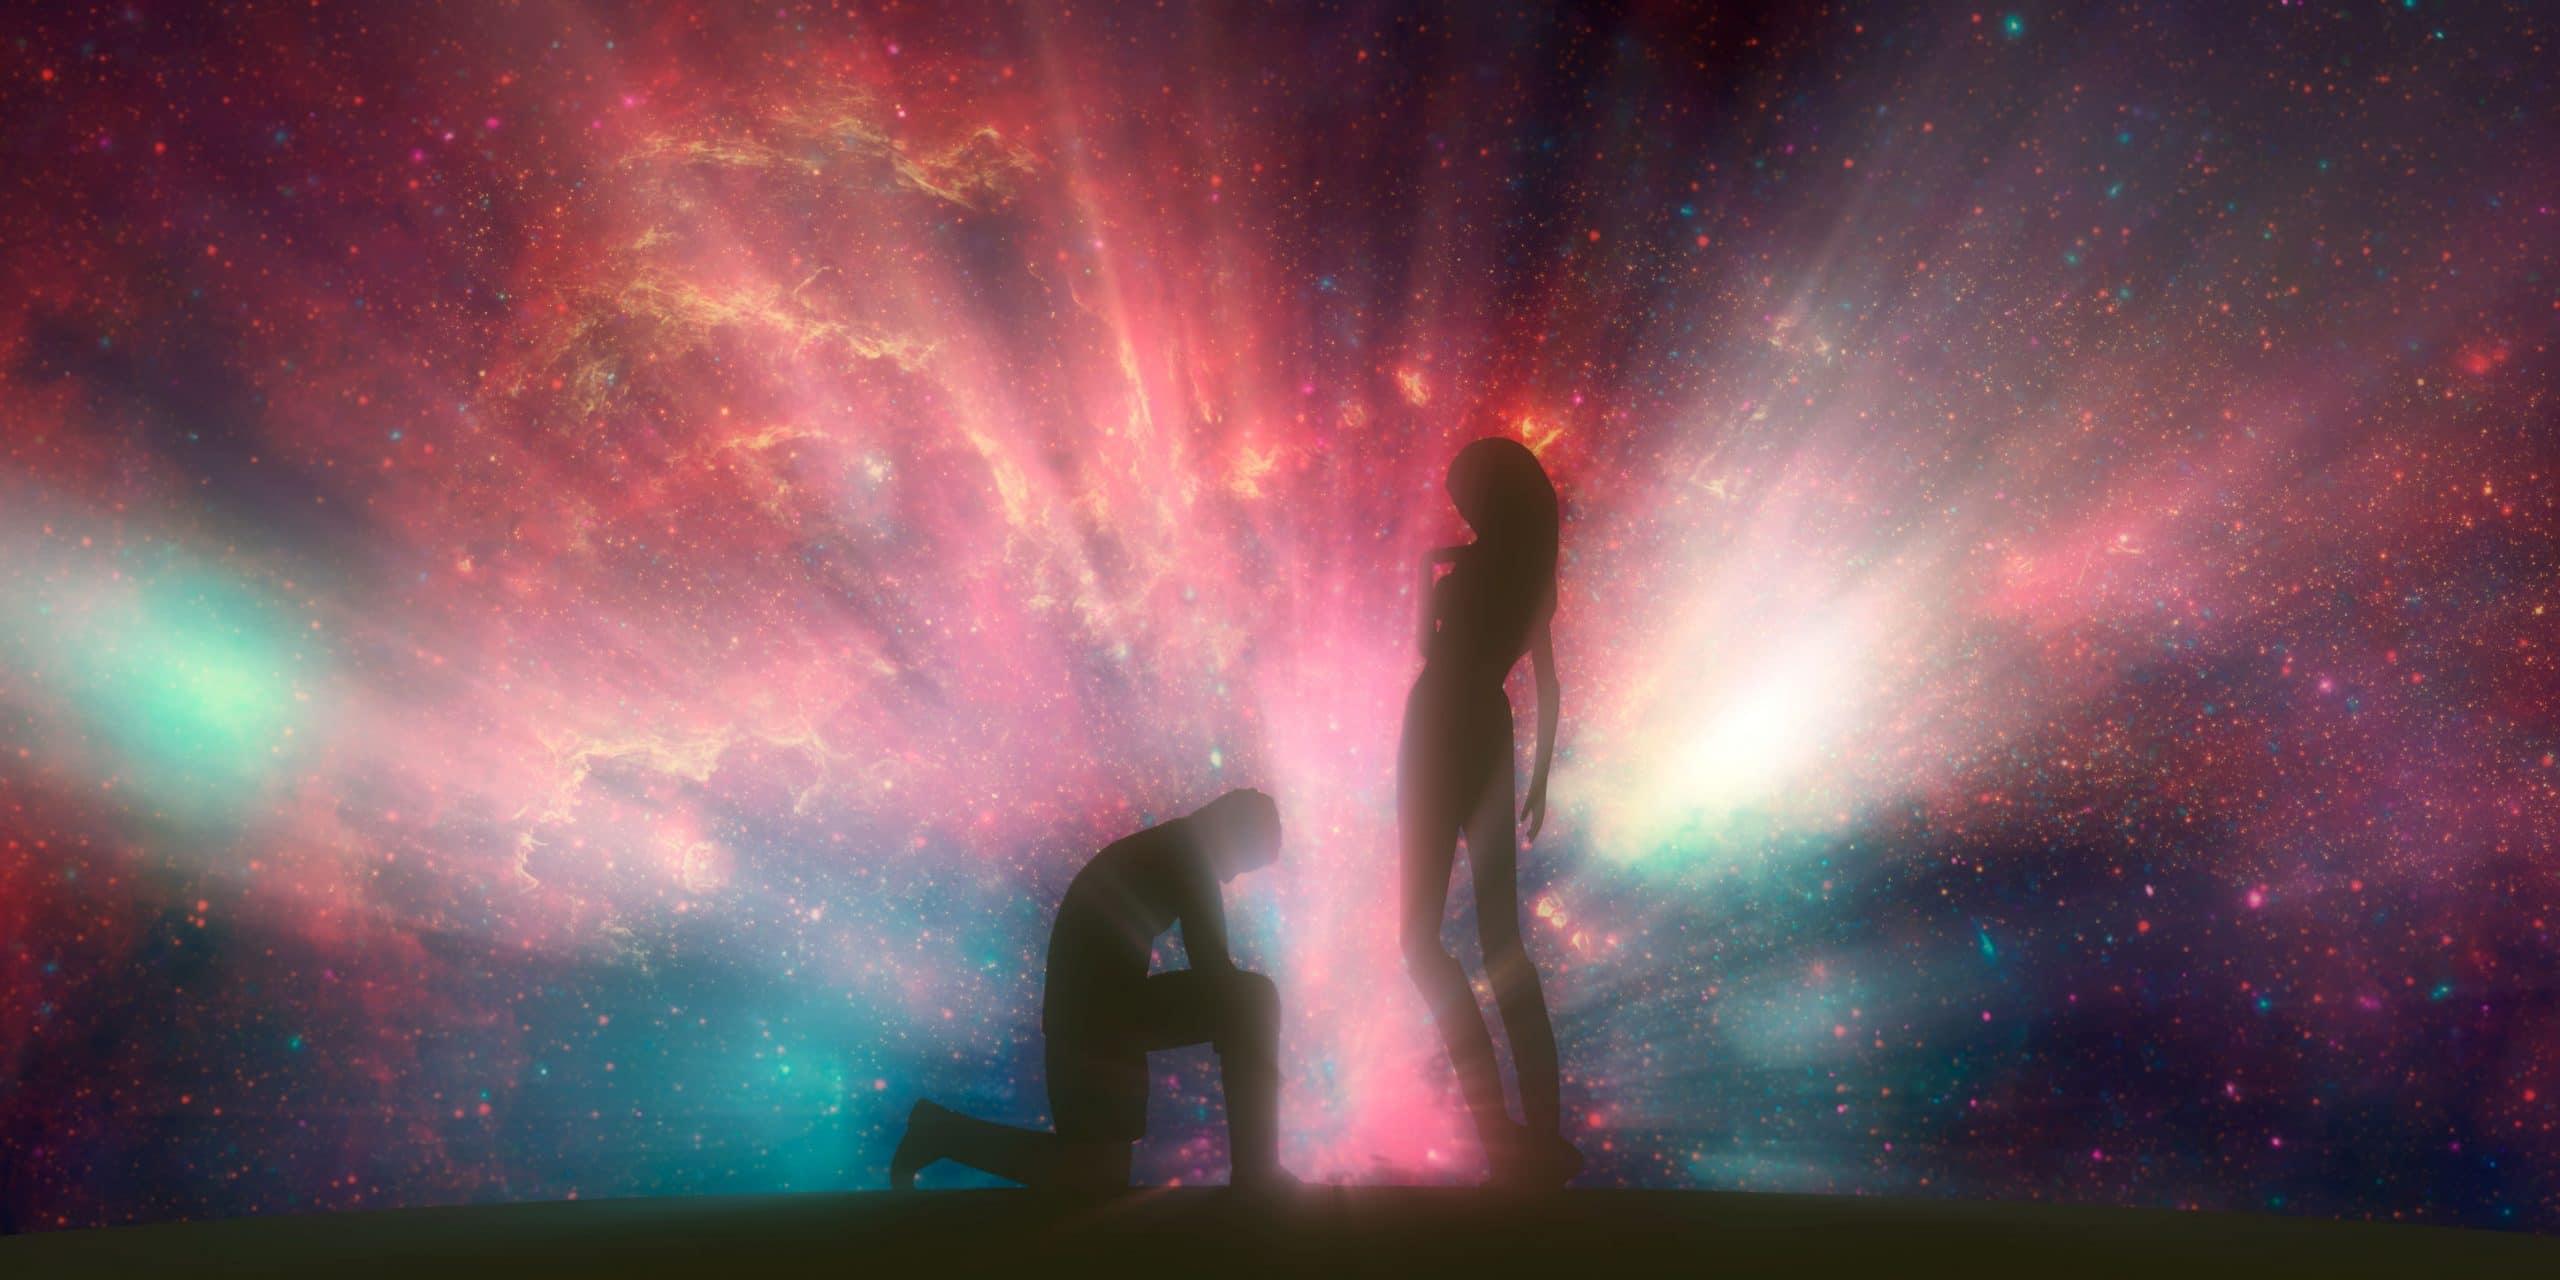 Silhueta de homem ajoelhado e mulher em pé na sua frente, com galáxia azul e rosa ao fundo.